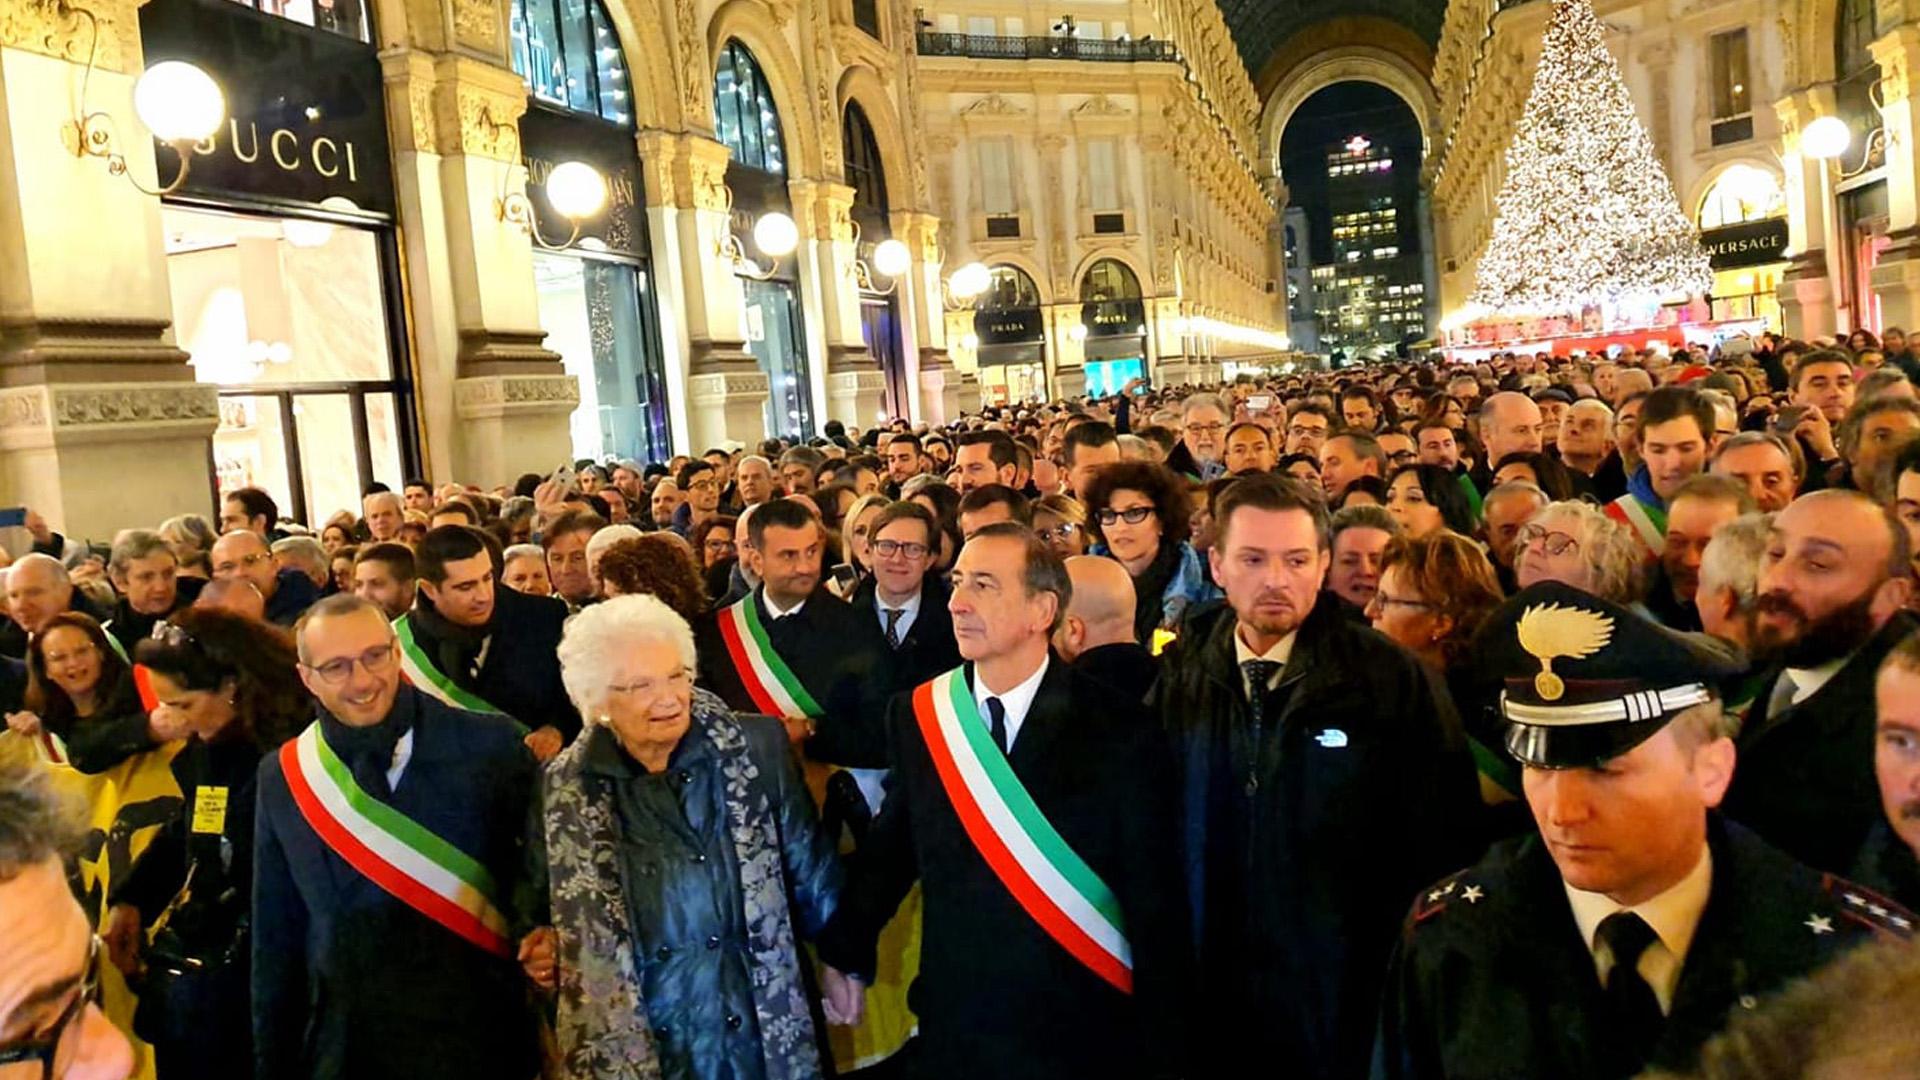 600 sindaci a Milano con Liliana Segre per dire no all'odio